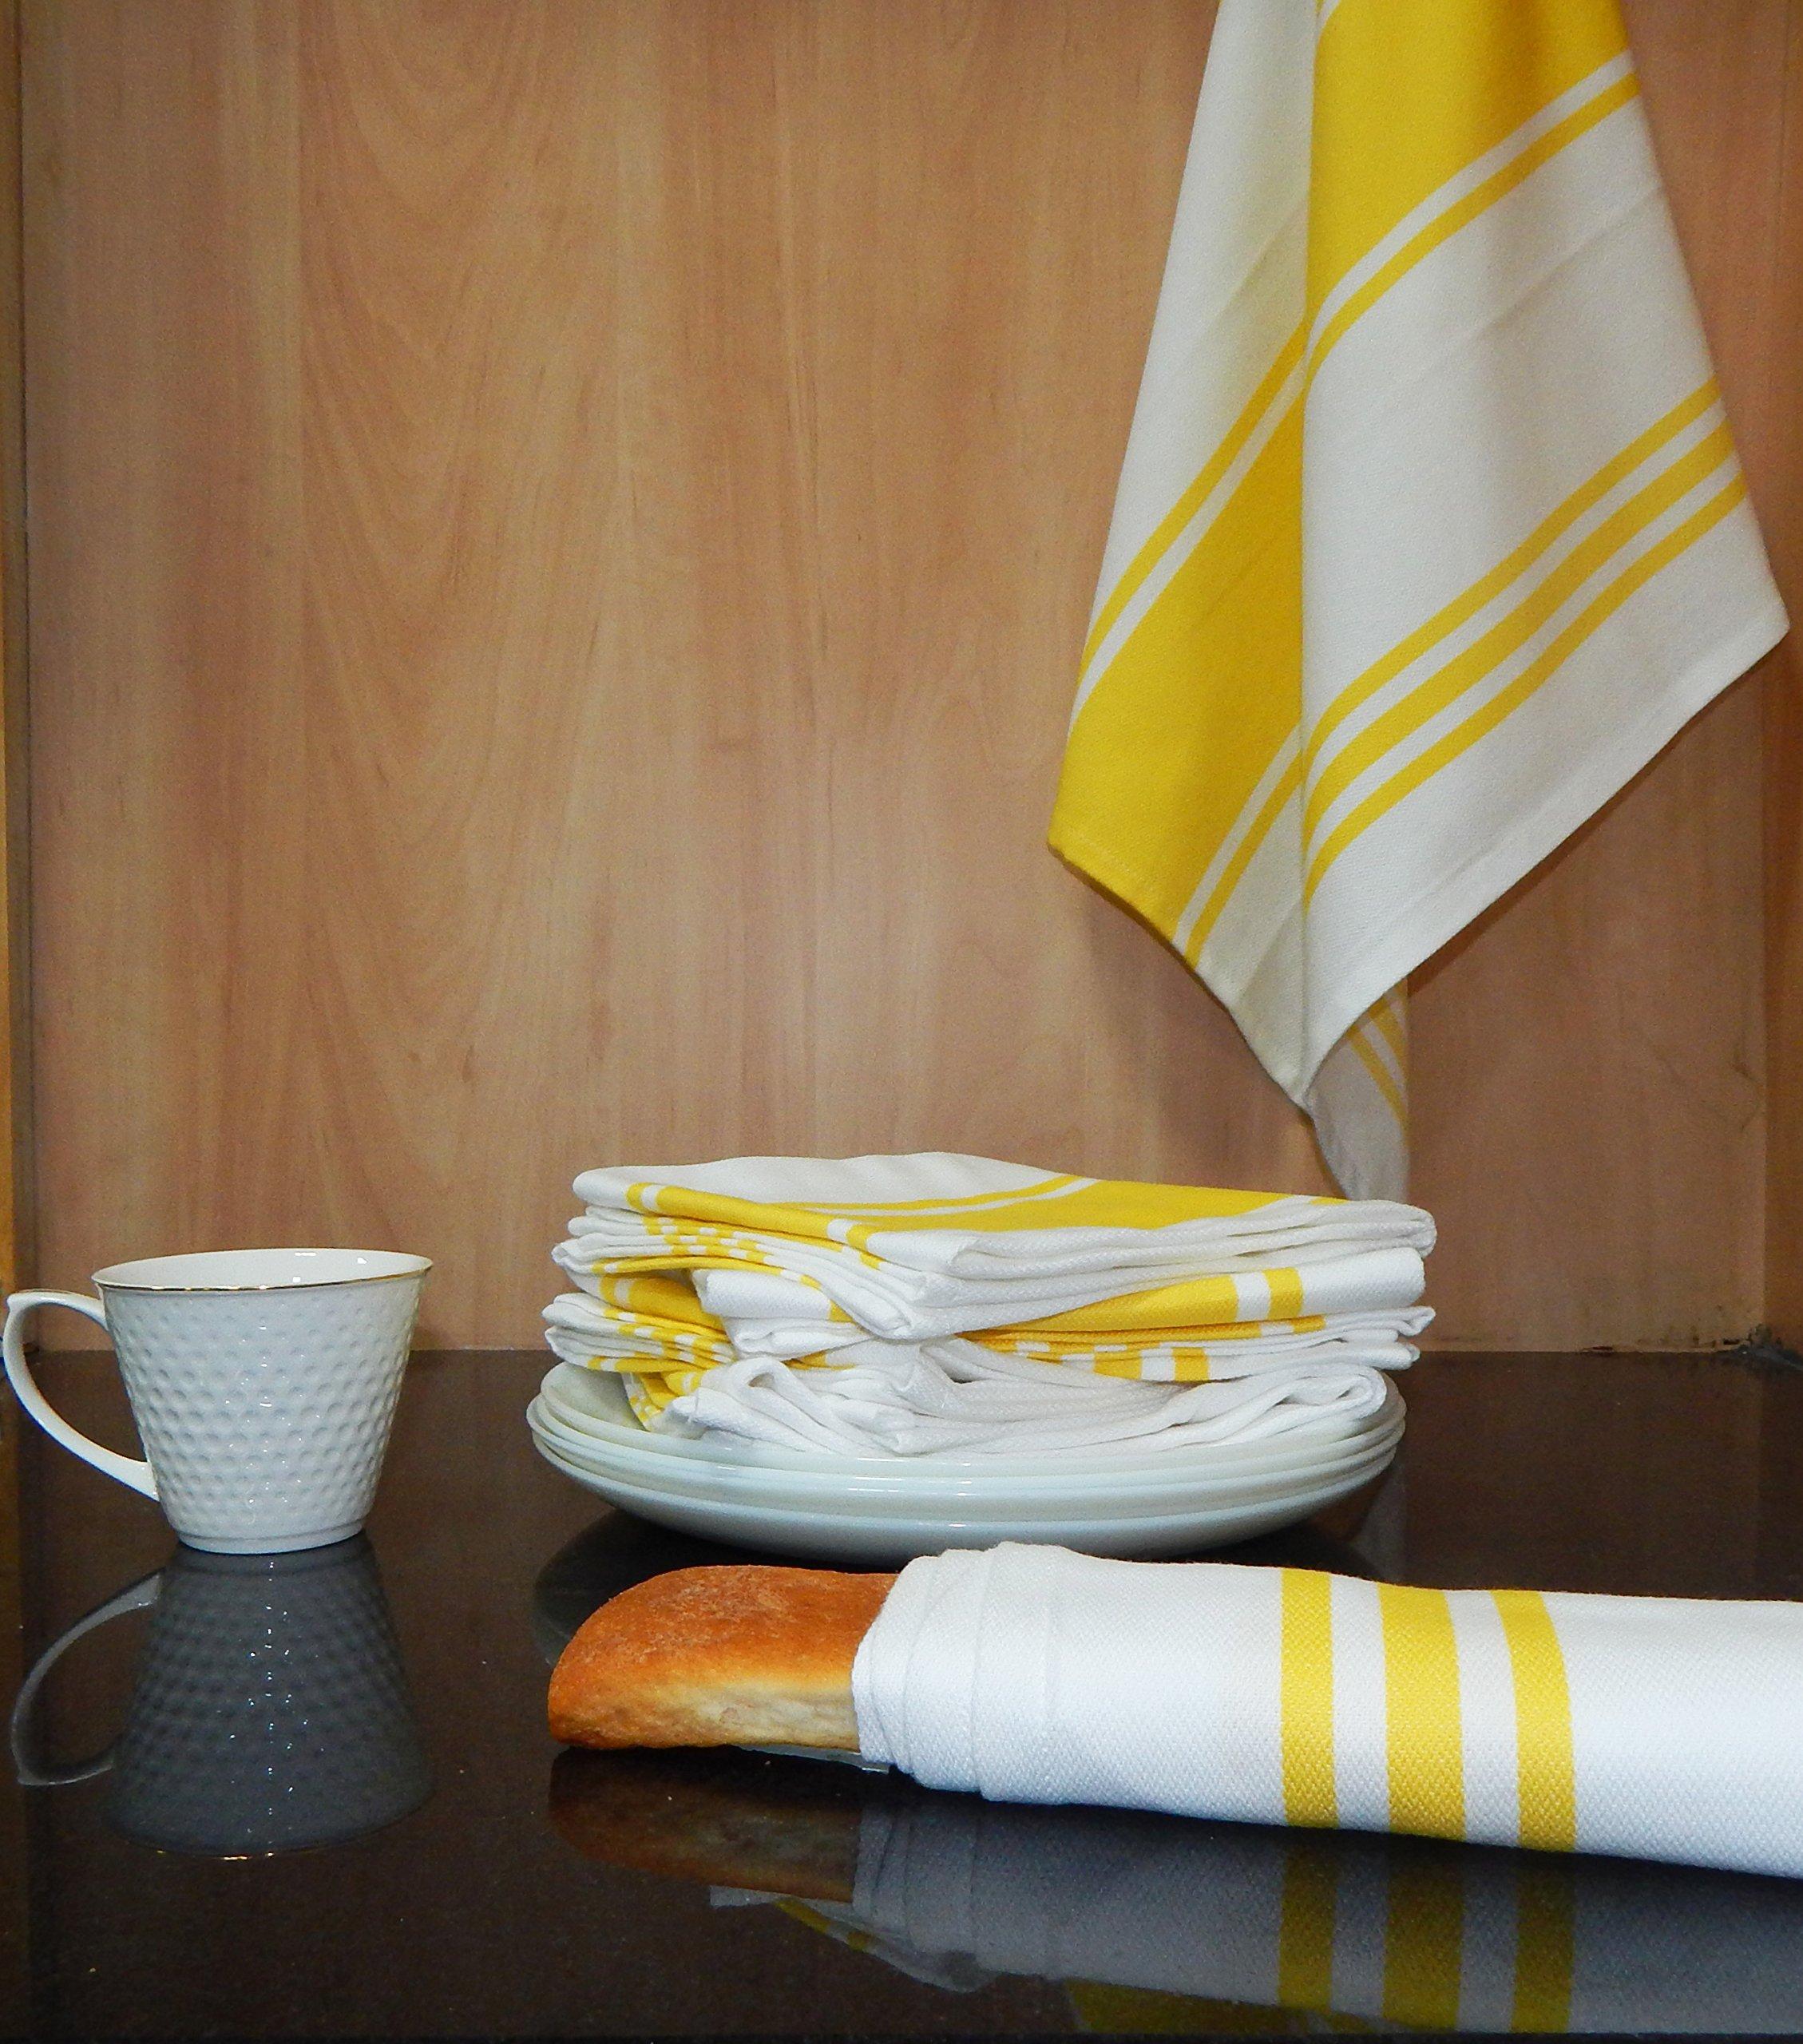 Vintage Towels: Dish Kitchen Towels Vintage Striped 100% Cotton Tea Towel